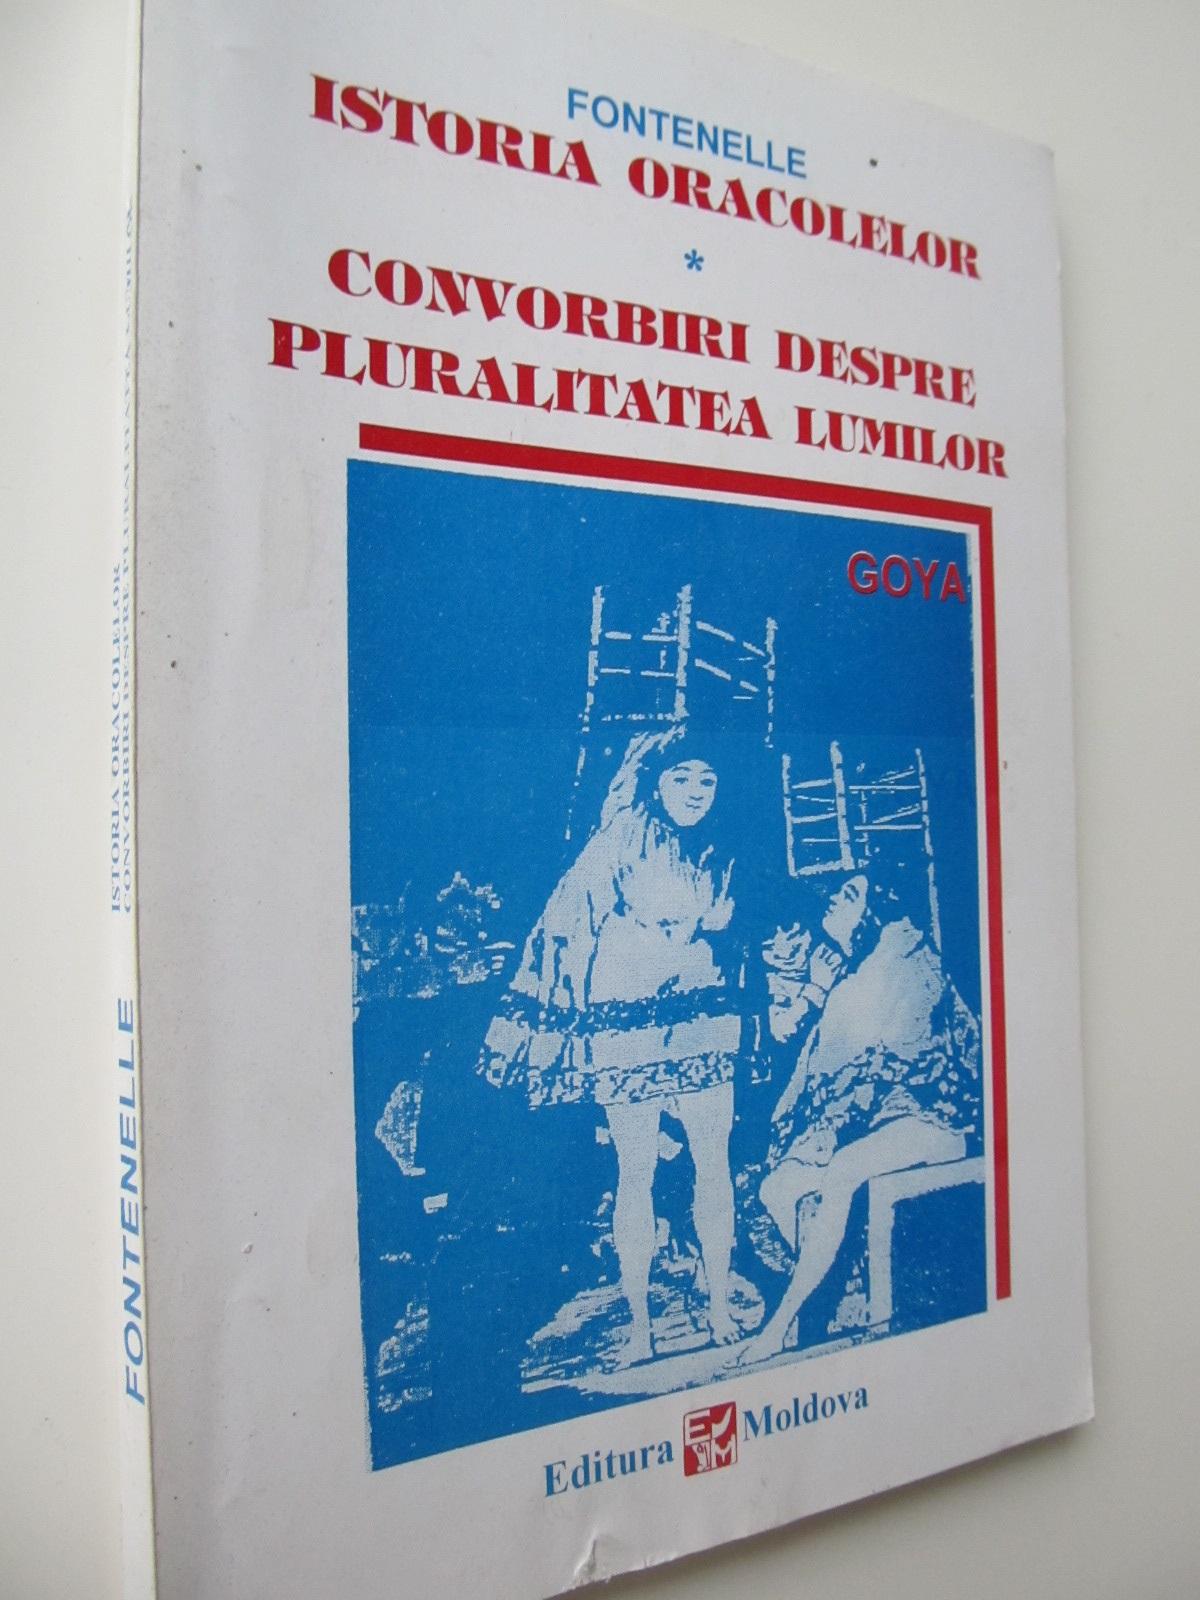 Istoria oracolelor - Convorbiri despre pluralitatea lumilor - Fontenelle   Detalii carte